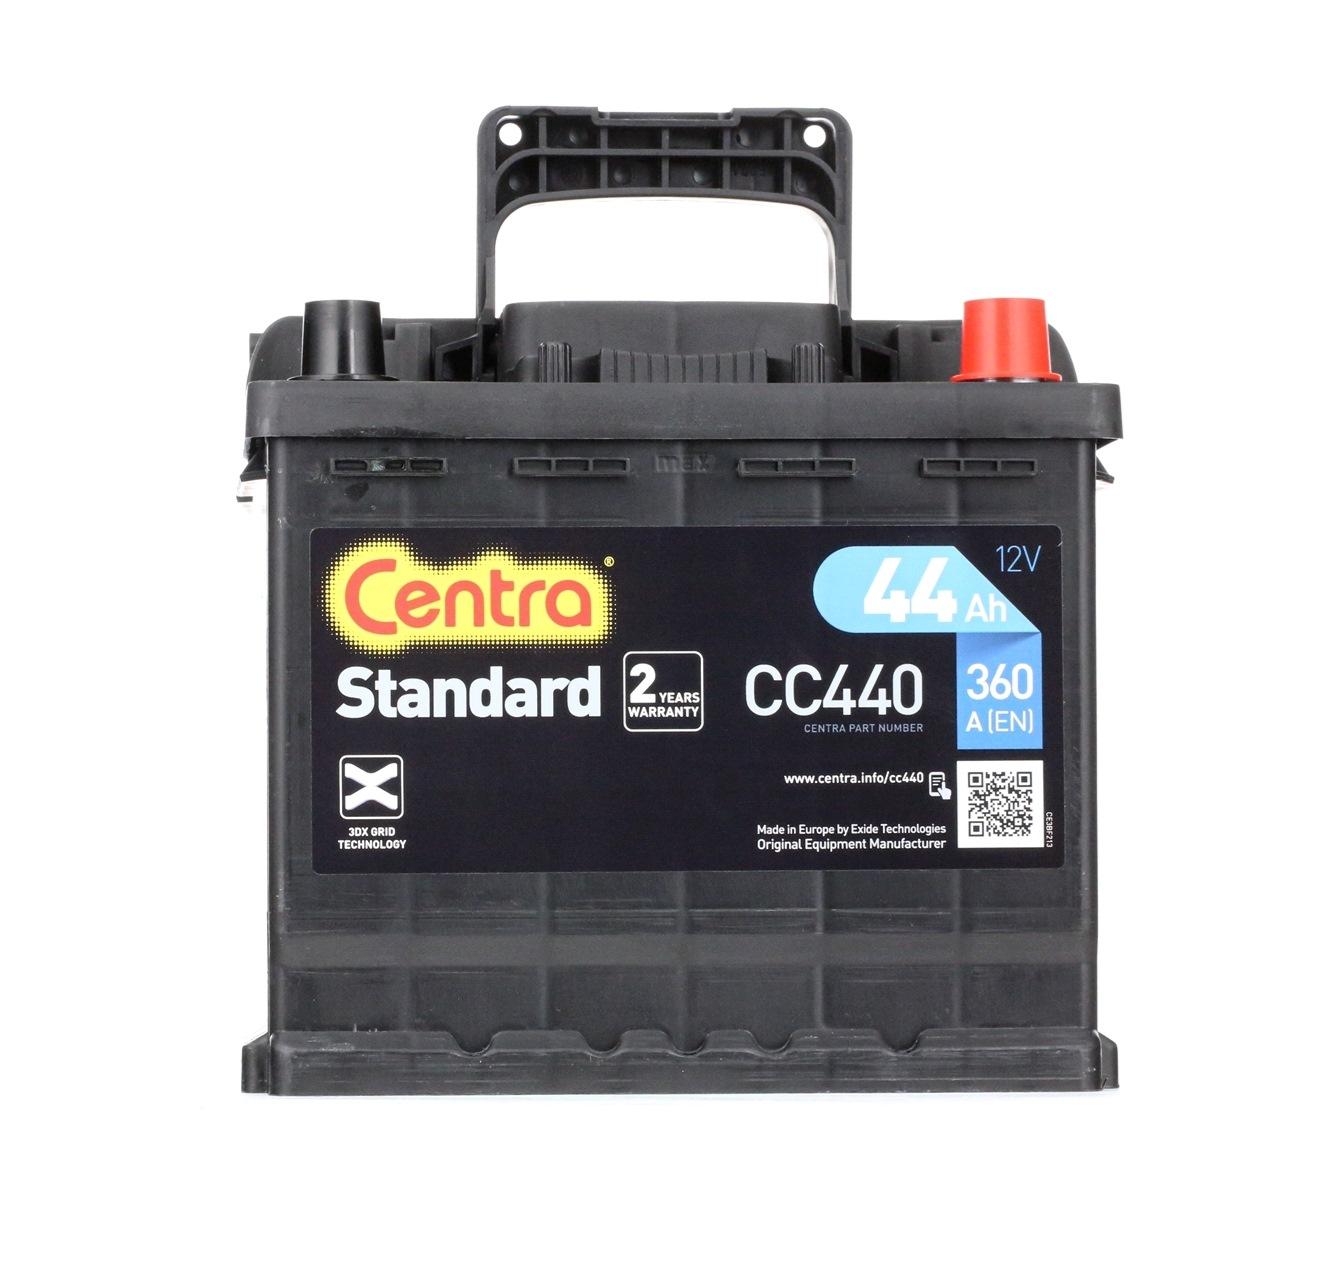 Achetez Électricité auto CENTRA CC440 (Courant d'essai à froid, EN: 360A, Volt: 12V, Disposition pôles: 0) à un rapport qualité-prix exceptionnel